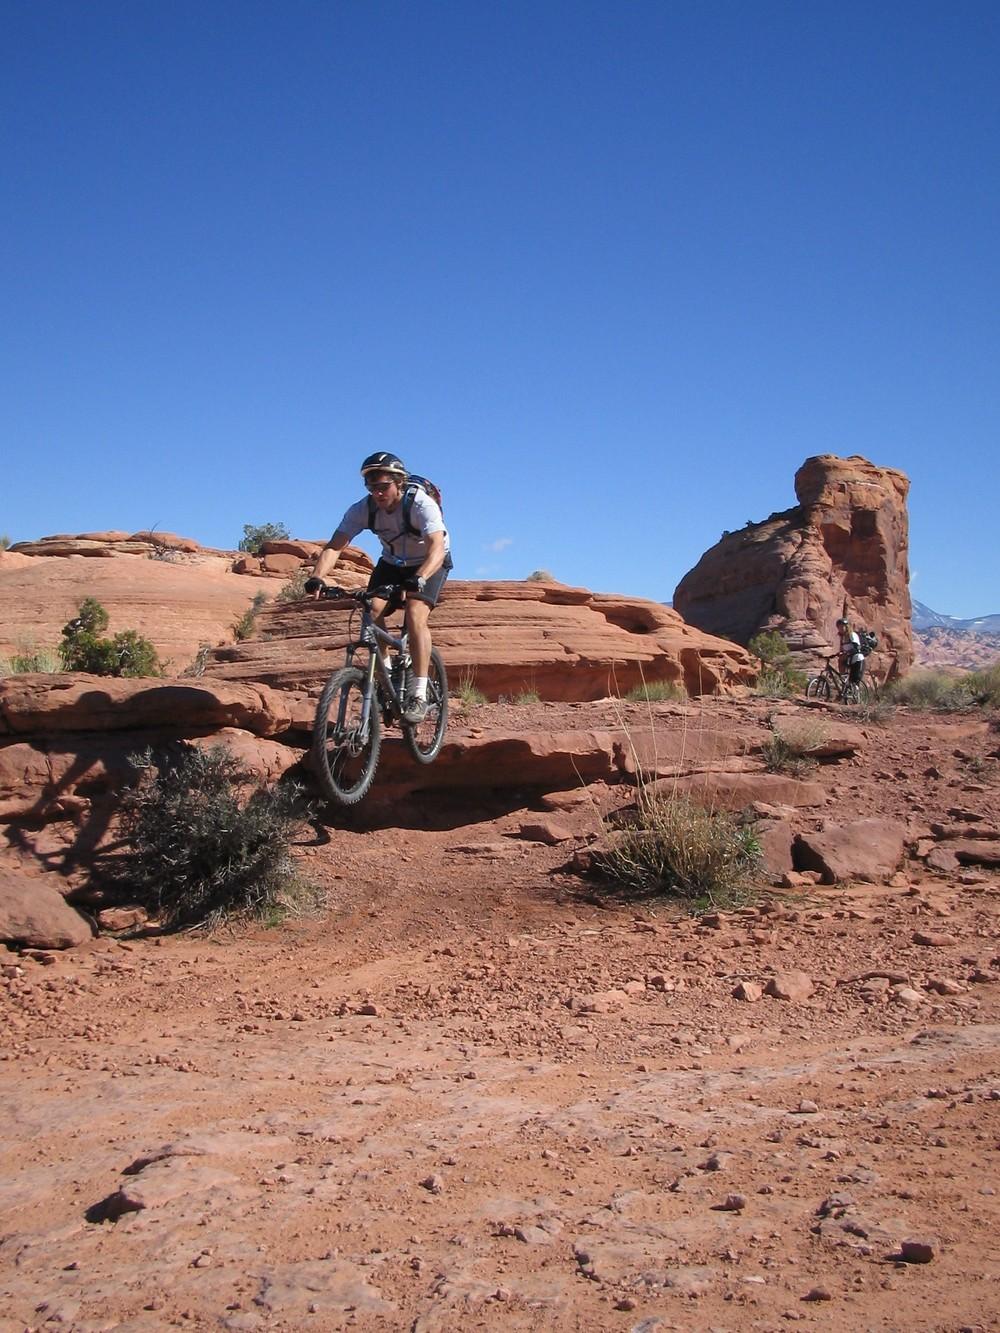 StemCAPtain trail testing